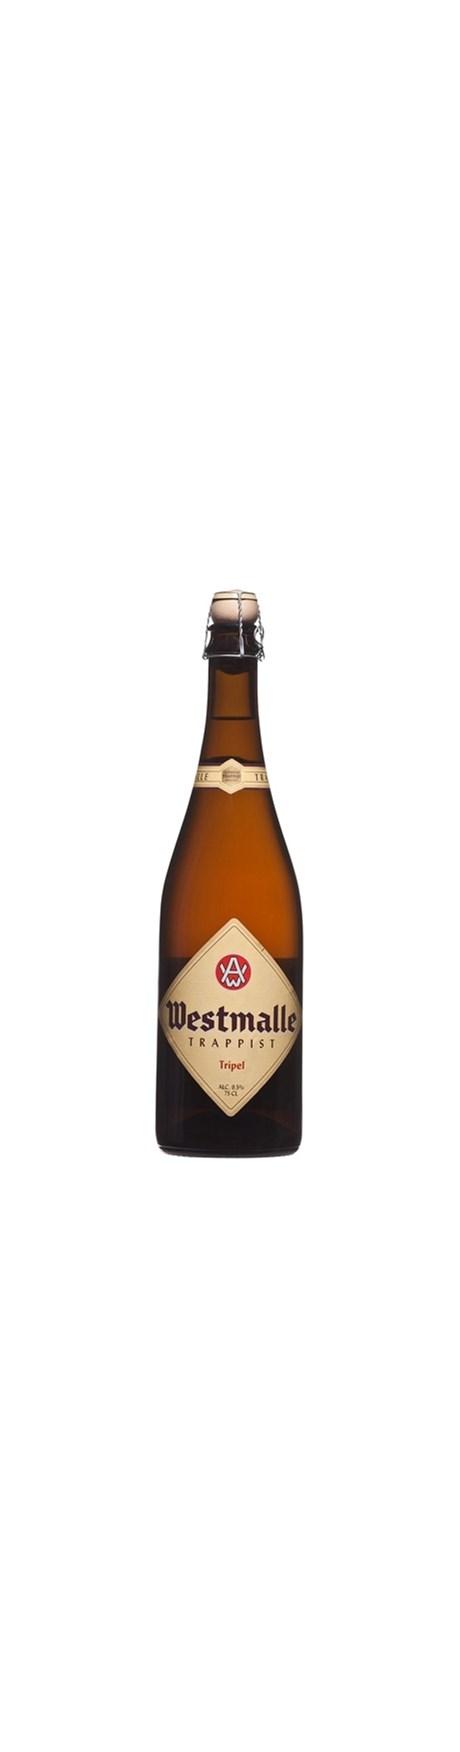 Westmalle Tripel 750ml